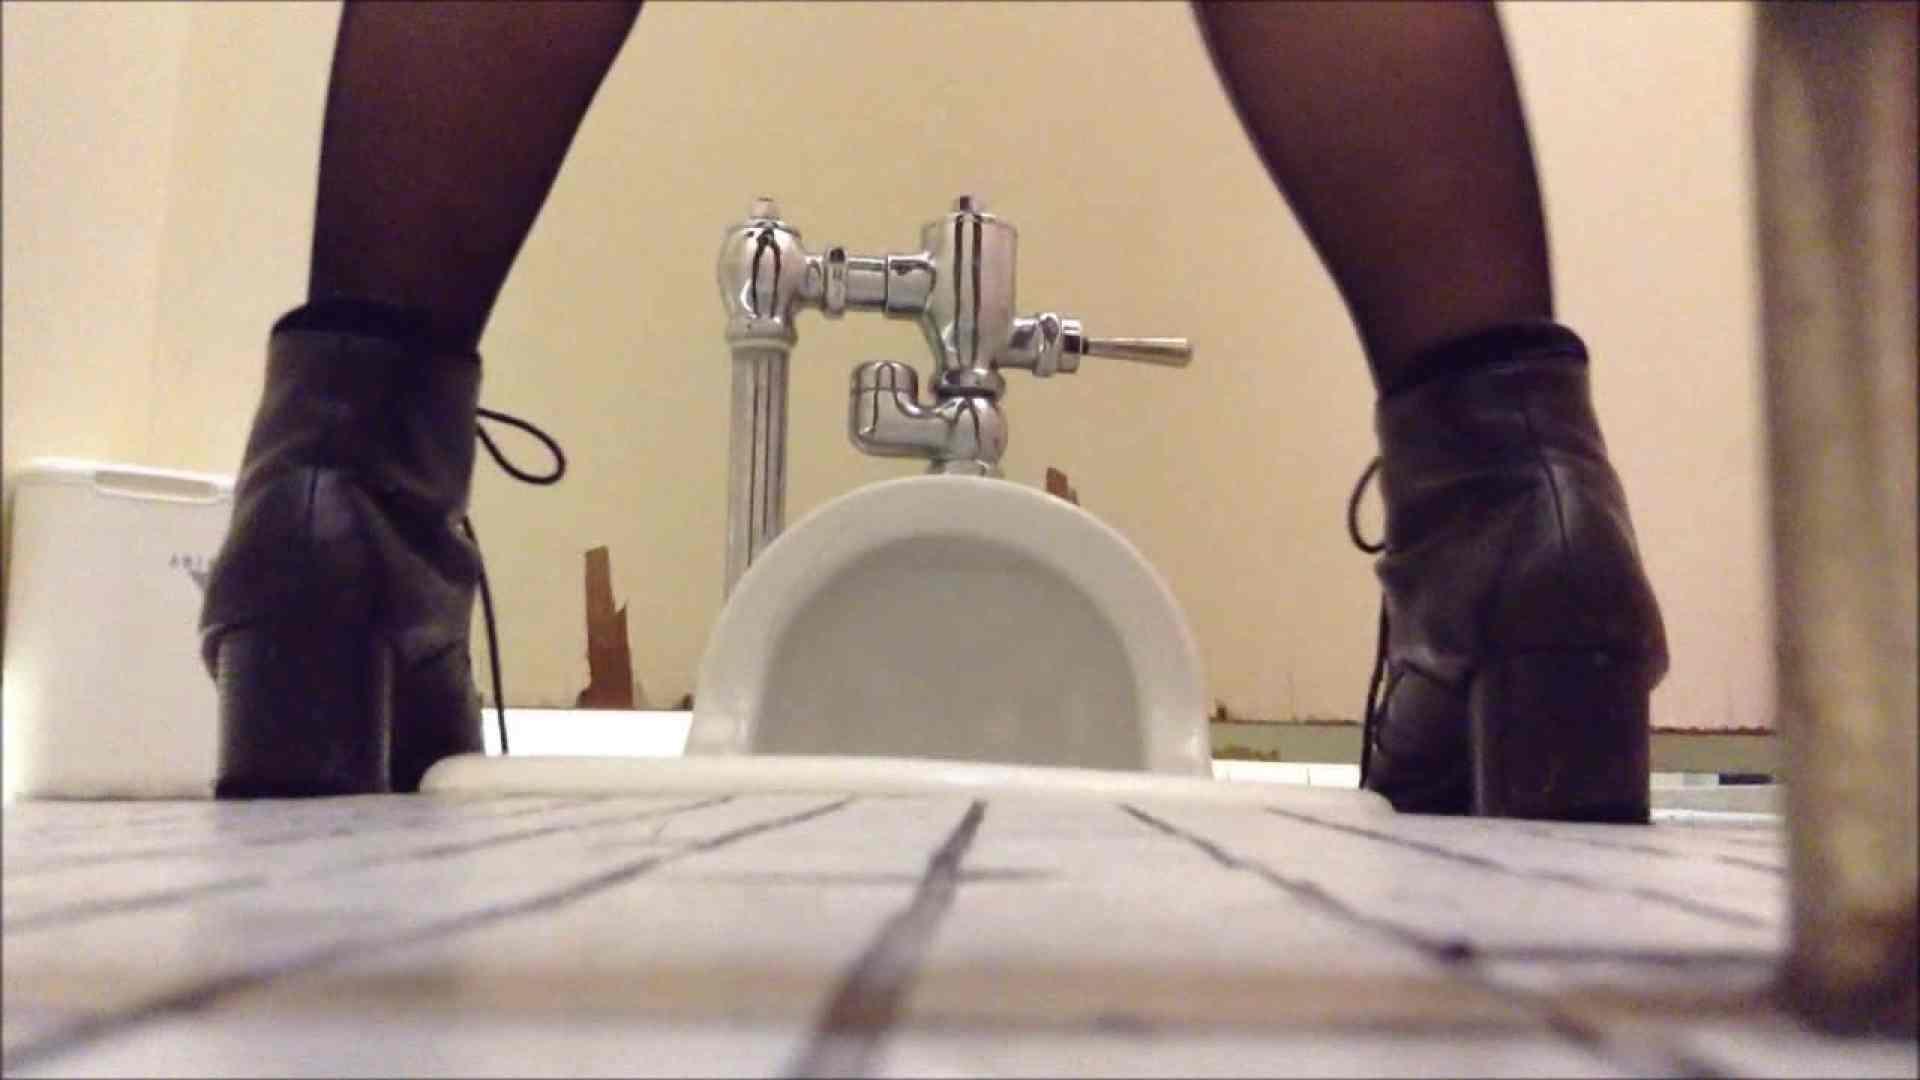 某有名大学女性洗面所 vol.01 丸見え セックス画像 107枚 21